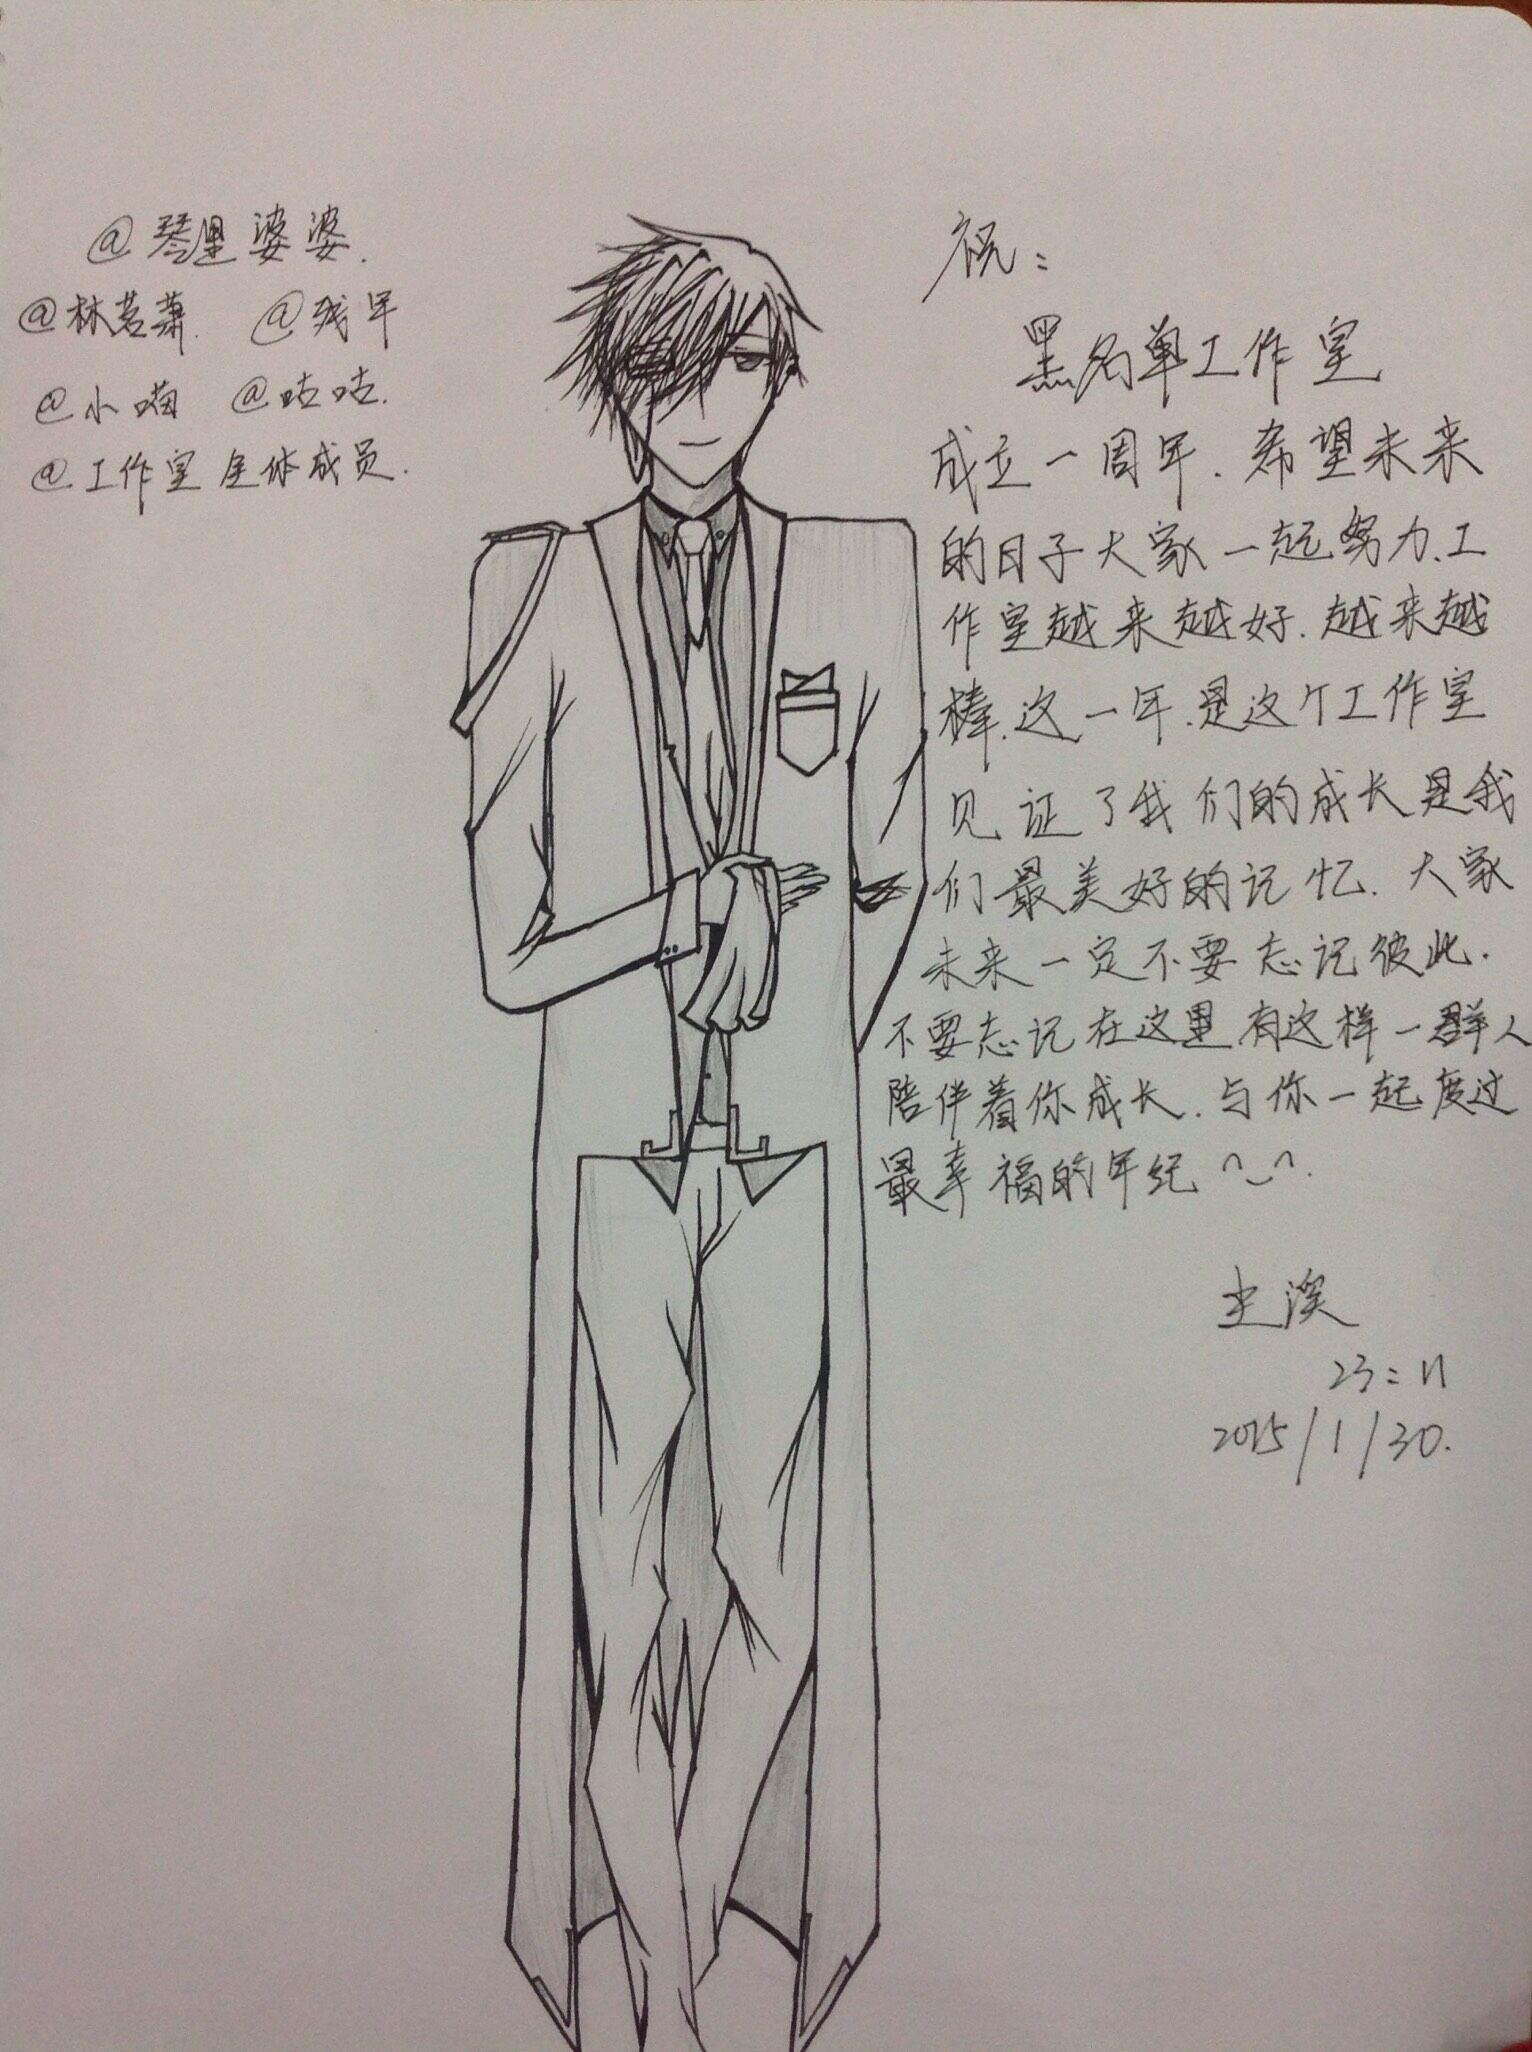 【black list尘溪】周年庆河图图片